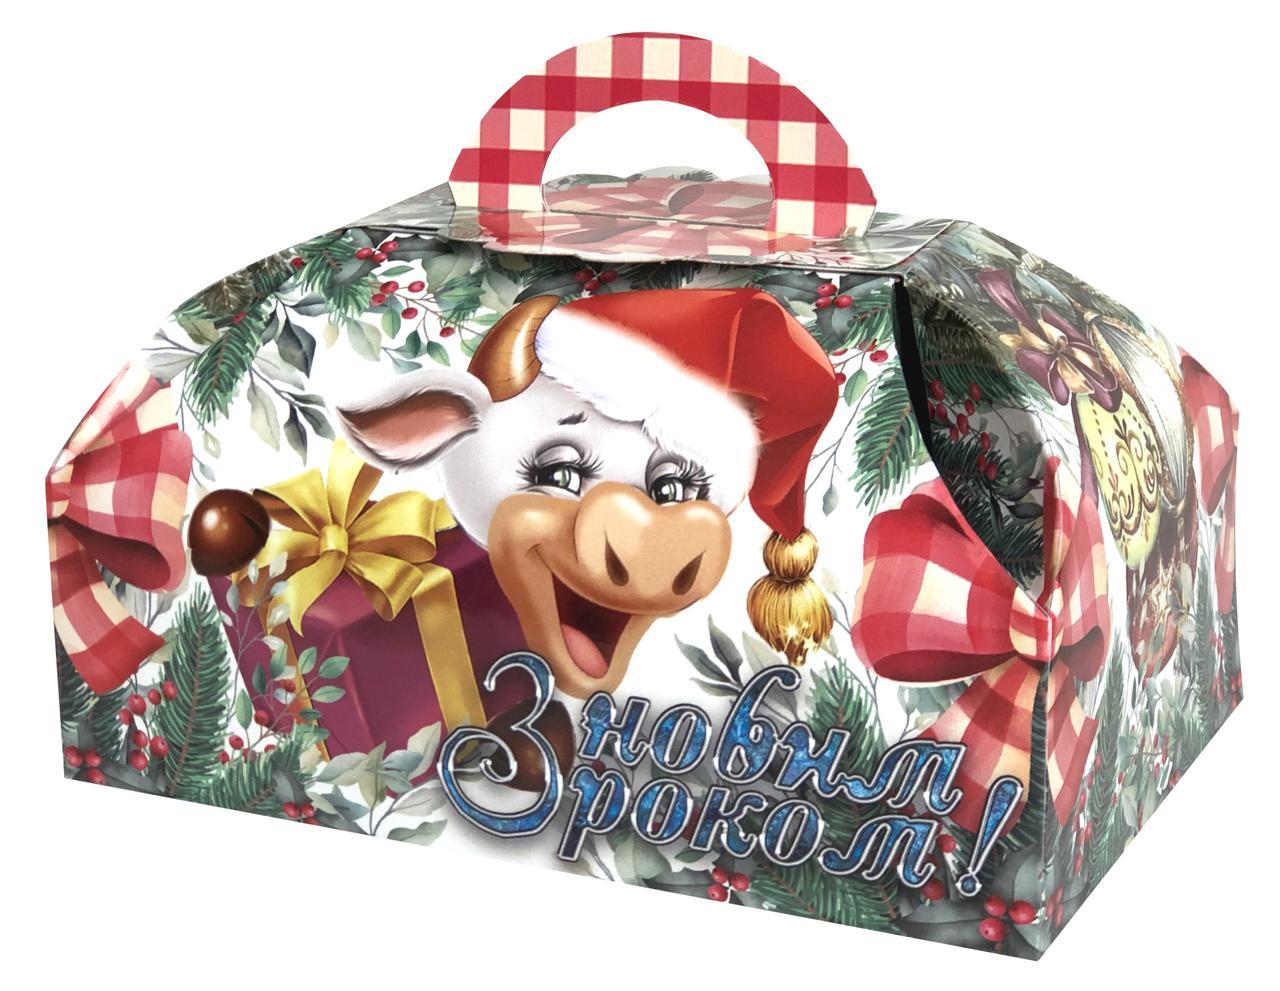 Новогодняя подарочная коробочка для конфет и сладостей 400-500гр №25 100шт/уп